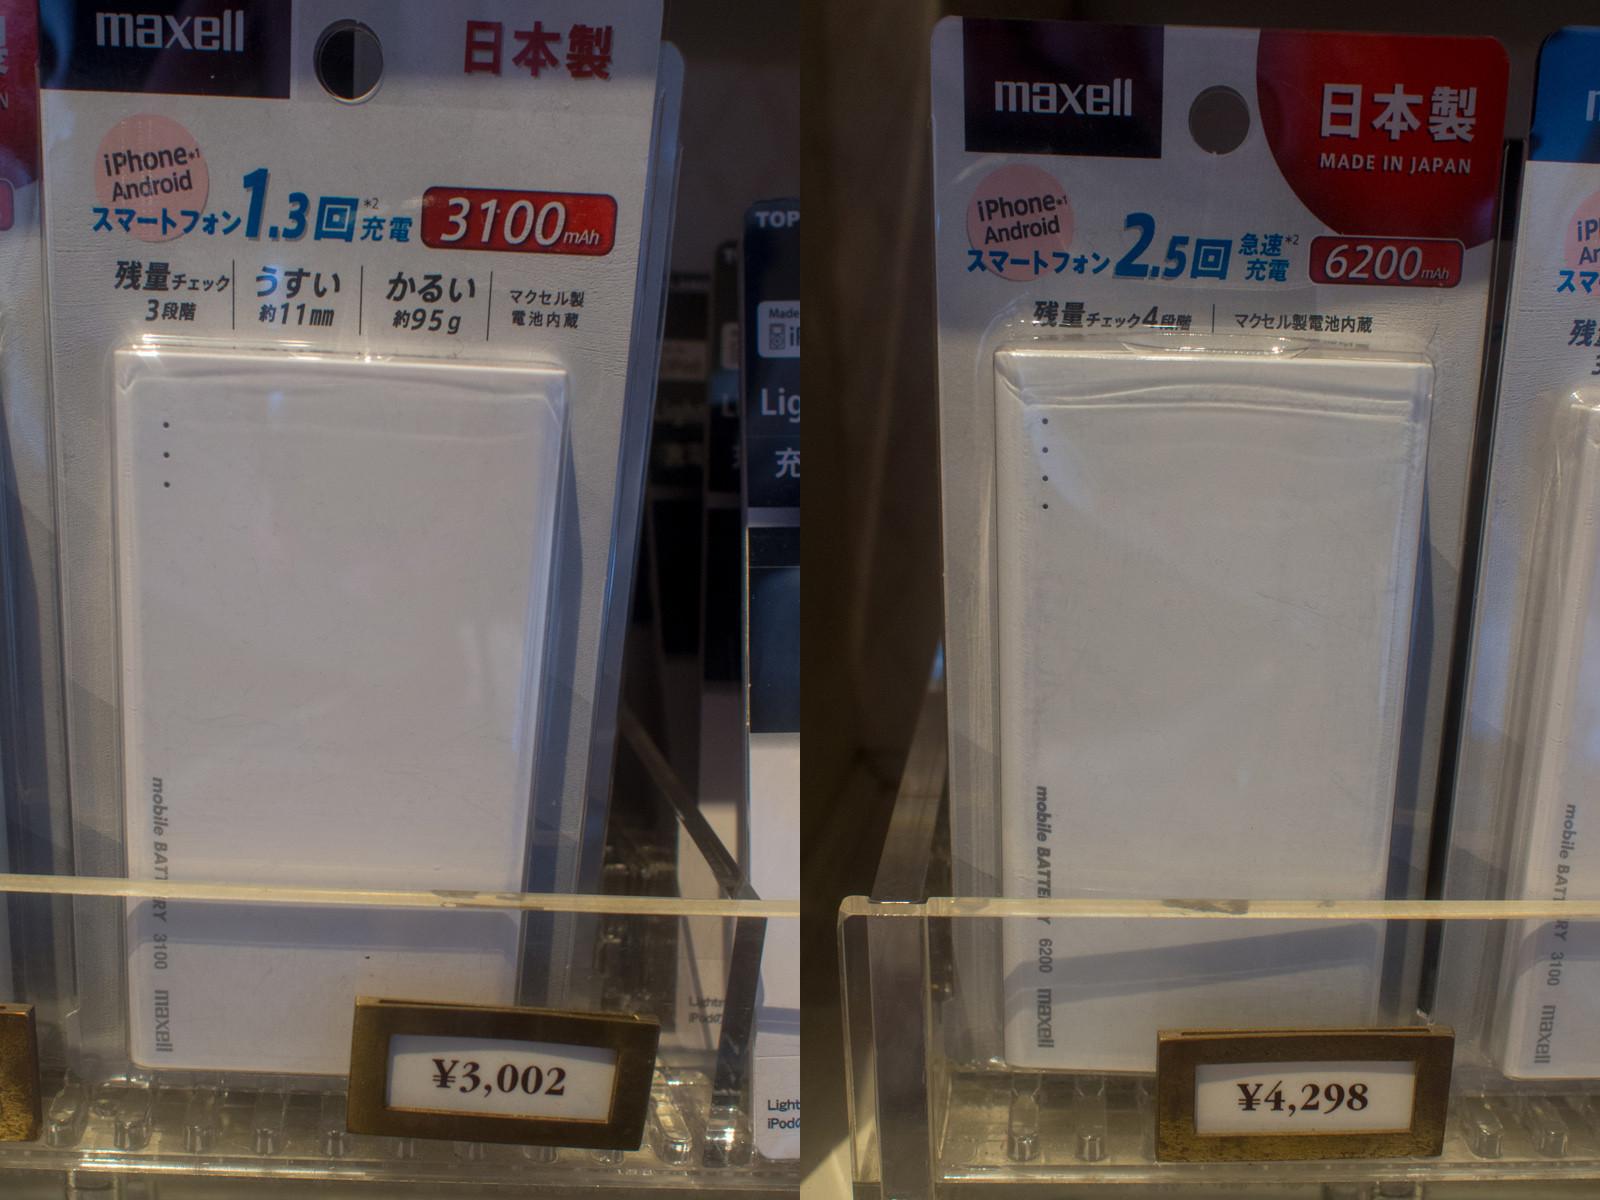 パークで販売されている充電器